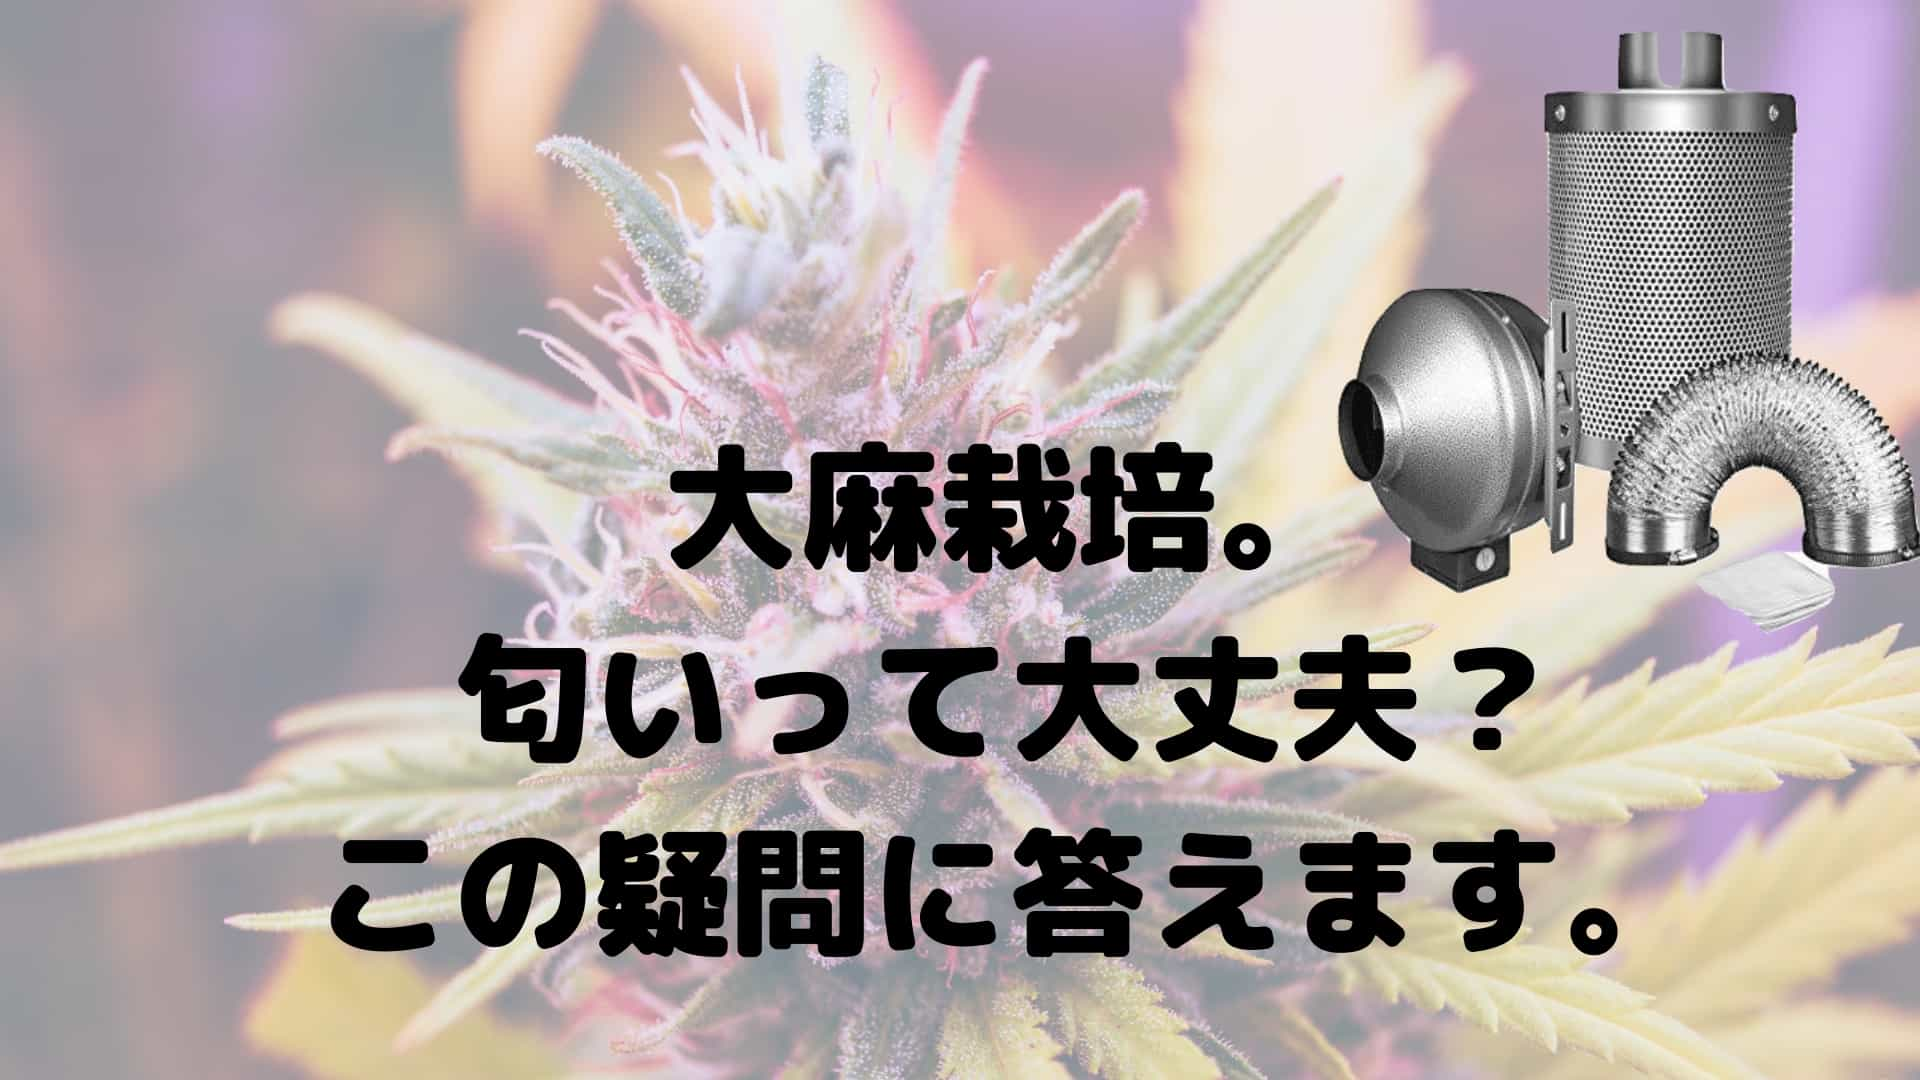 大麻栽培。 匂いって大丈夫? この疑問に答えます。